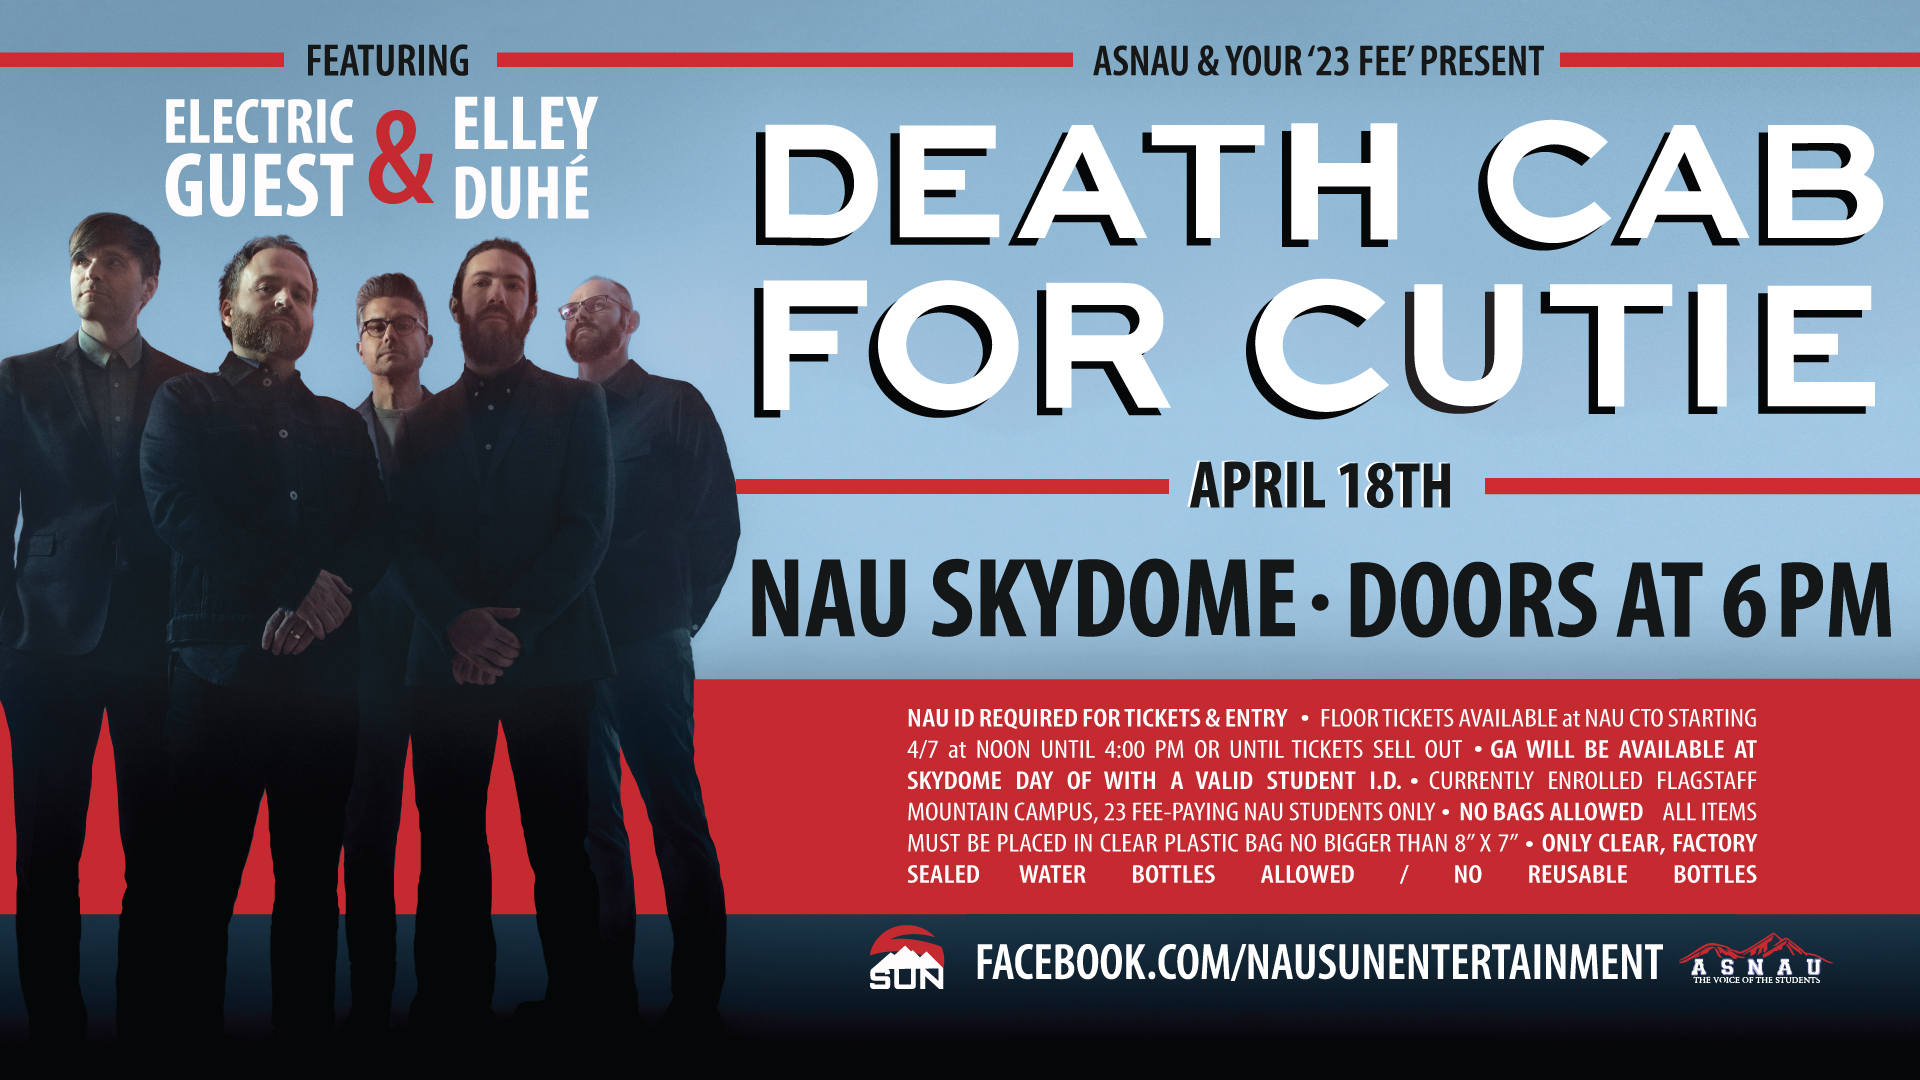 Asnau Spring 2019 Concert Death Cab For Cutie Nau Events